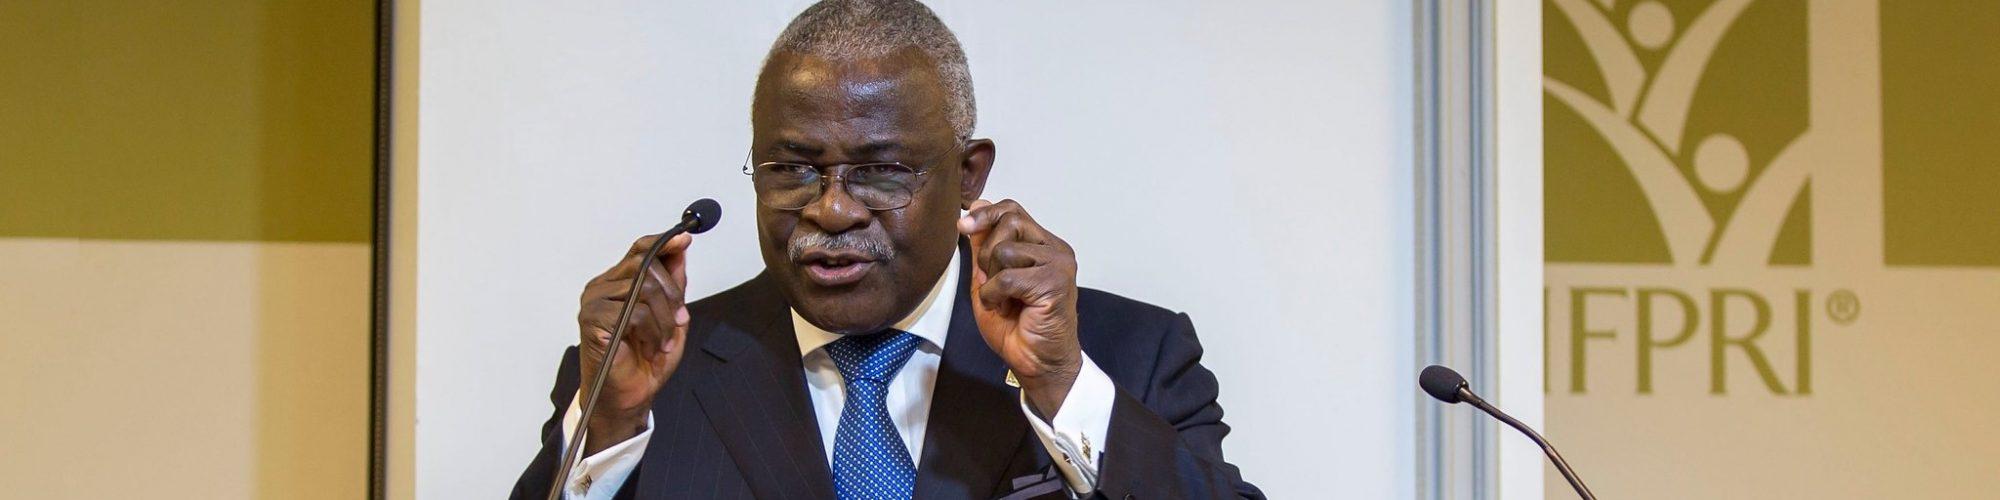 Kanayo Nwanze, Compact2025 Leadership Council member, selected as CGIAR Representative at 2021 UN Food Systems Summit